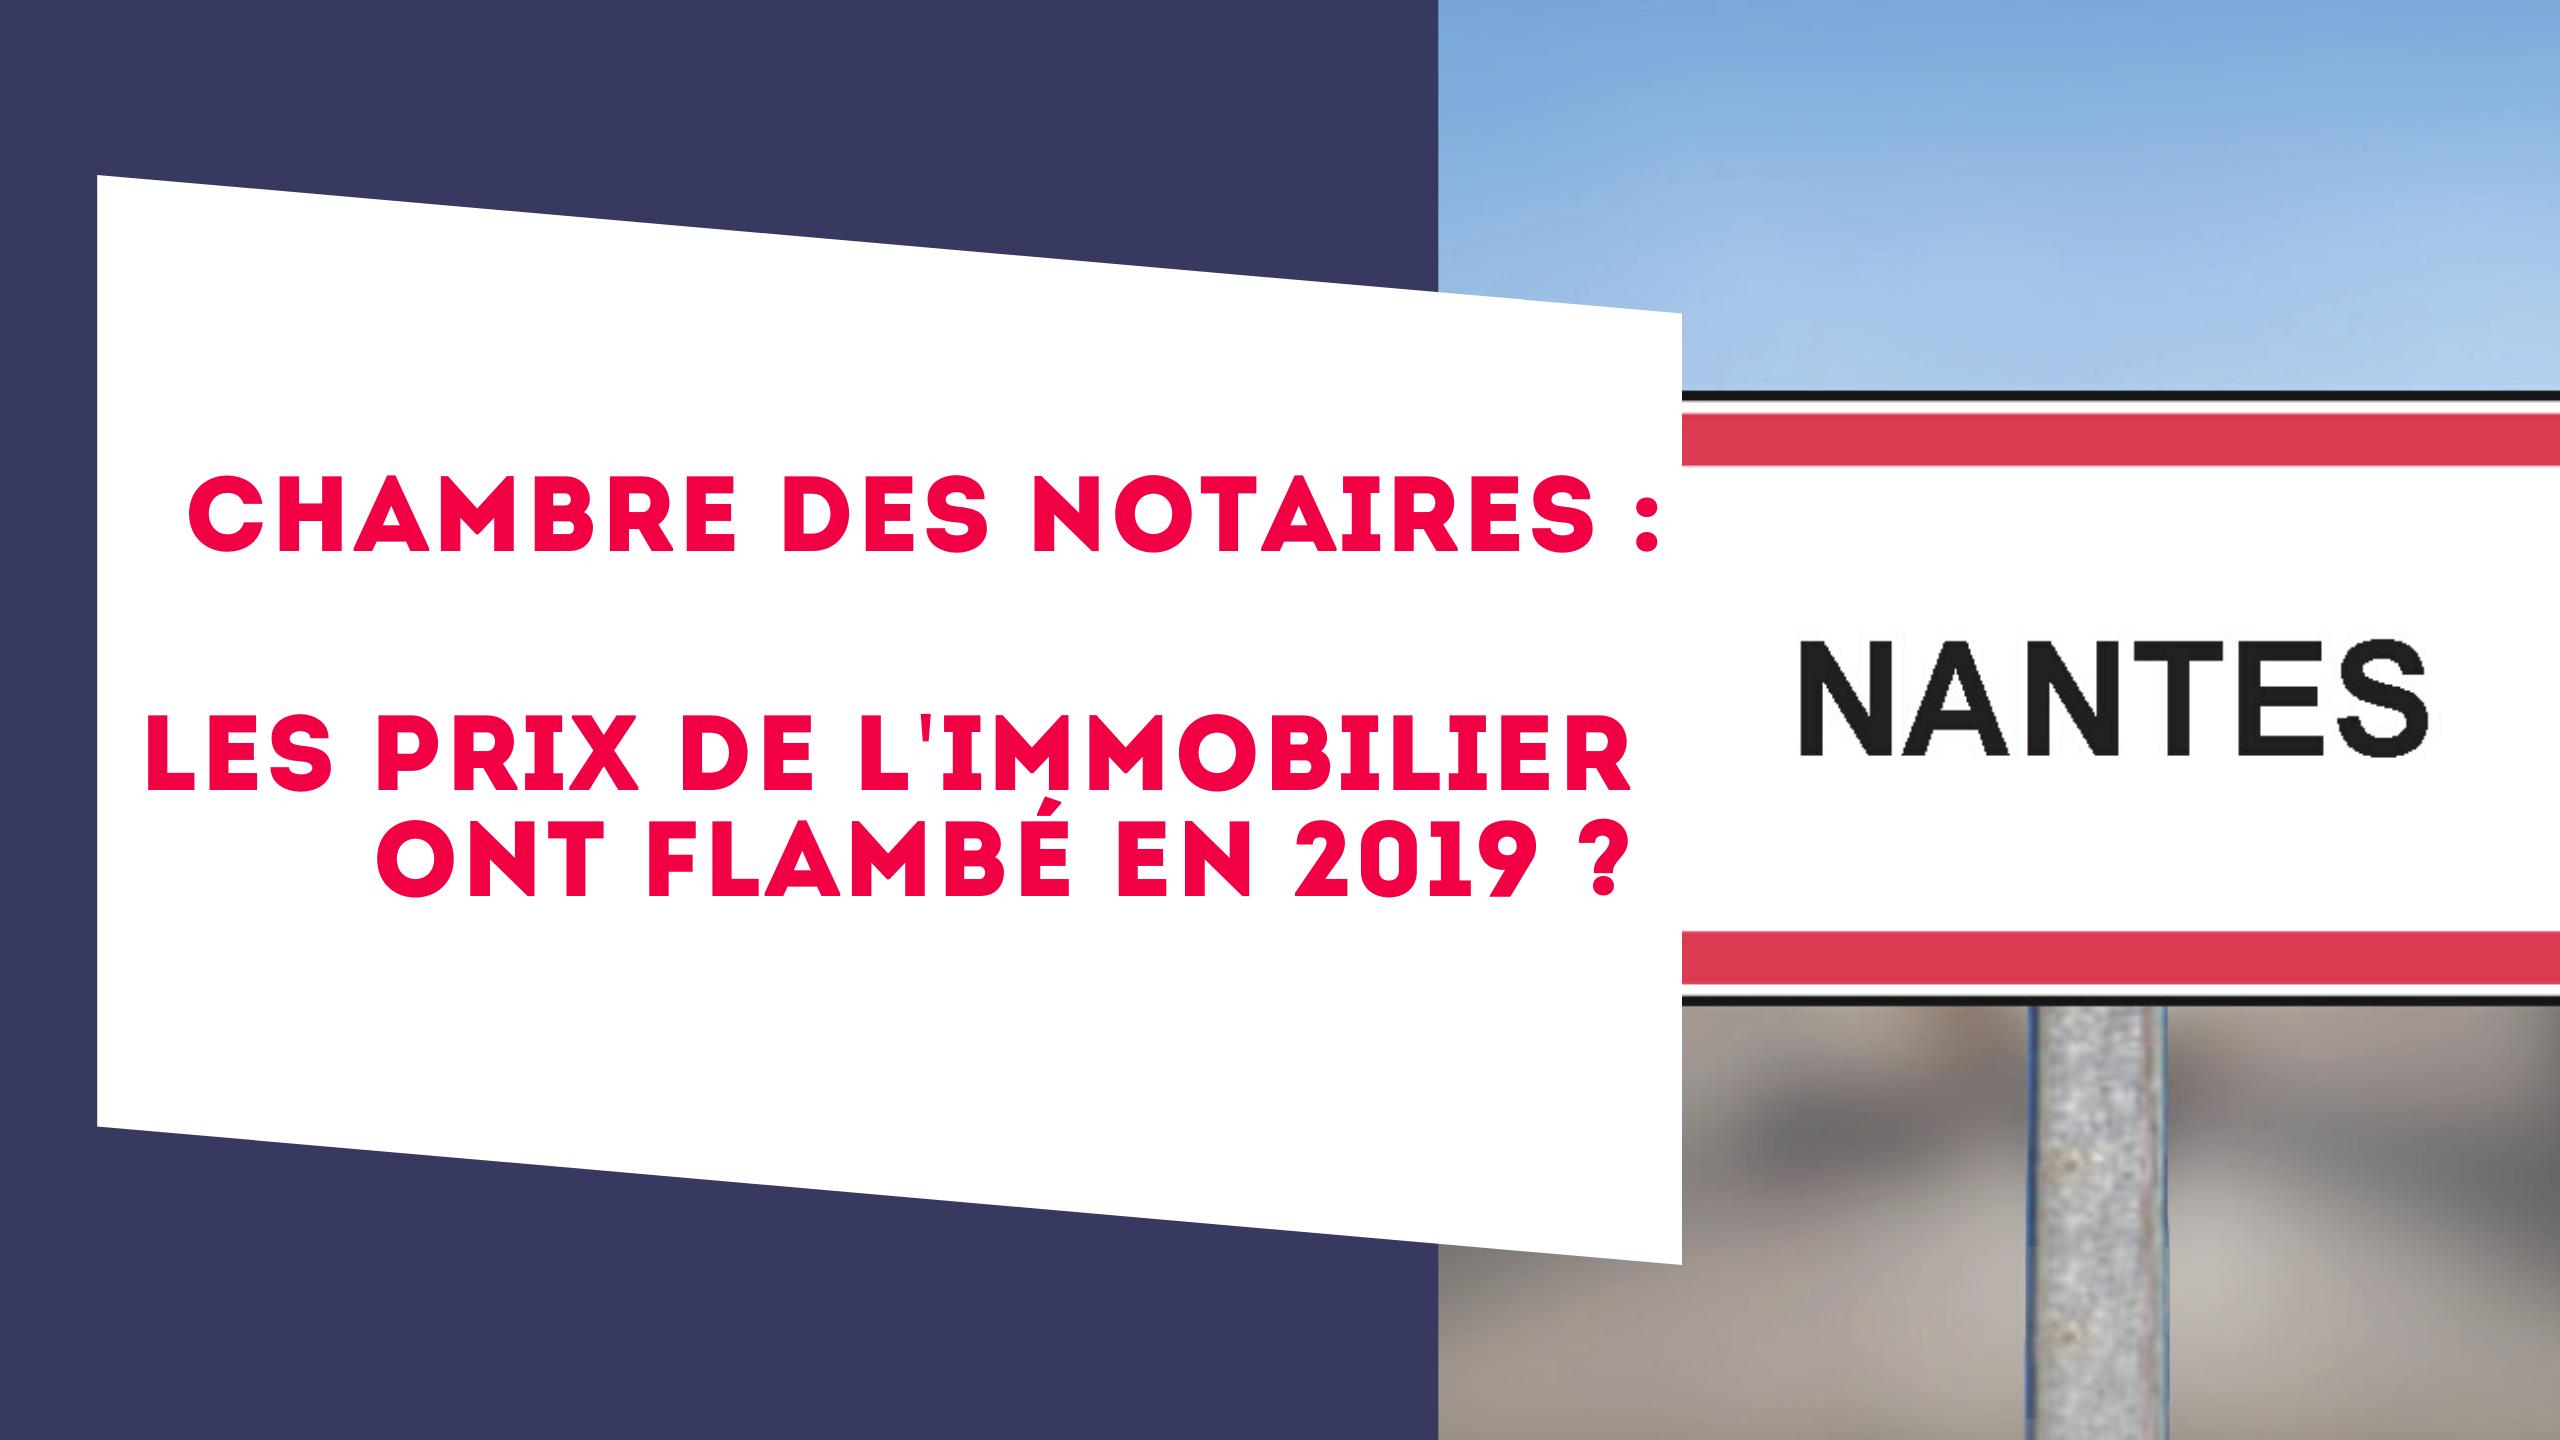 Immobilier à Nantes : Quels sont les quartiers les plus chers et les moins chers ?